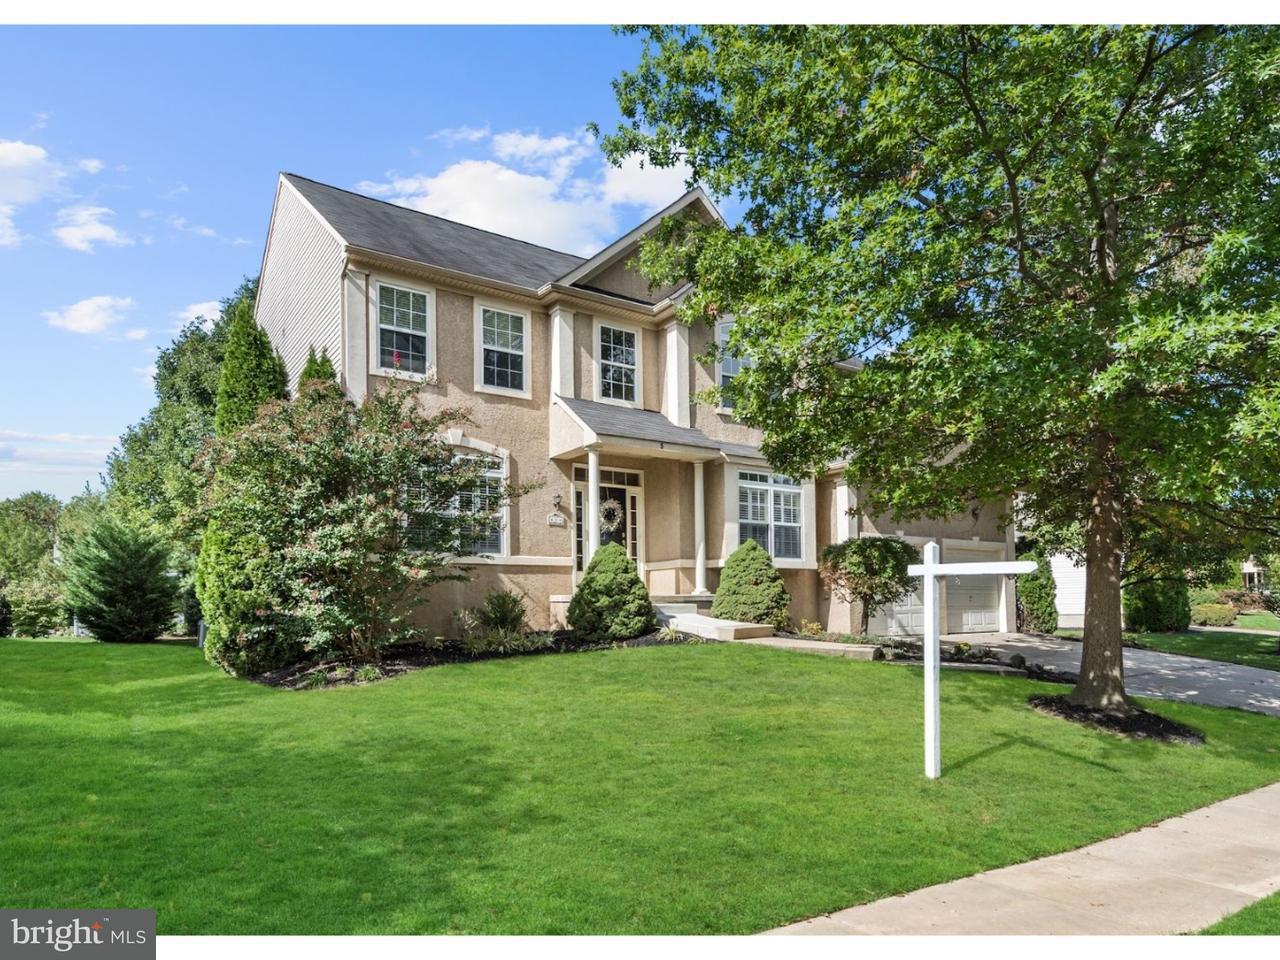 Частный односемейный дом для того Продажа на 5 ASCOT Drive Cinnaminson, Нью-Джерси 08077 Соединенные Штаты